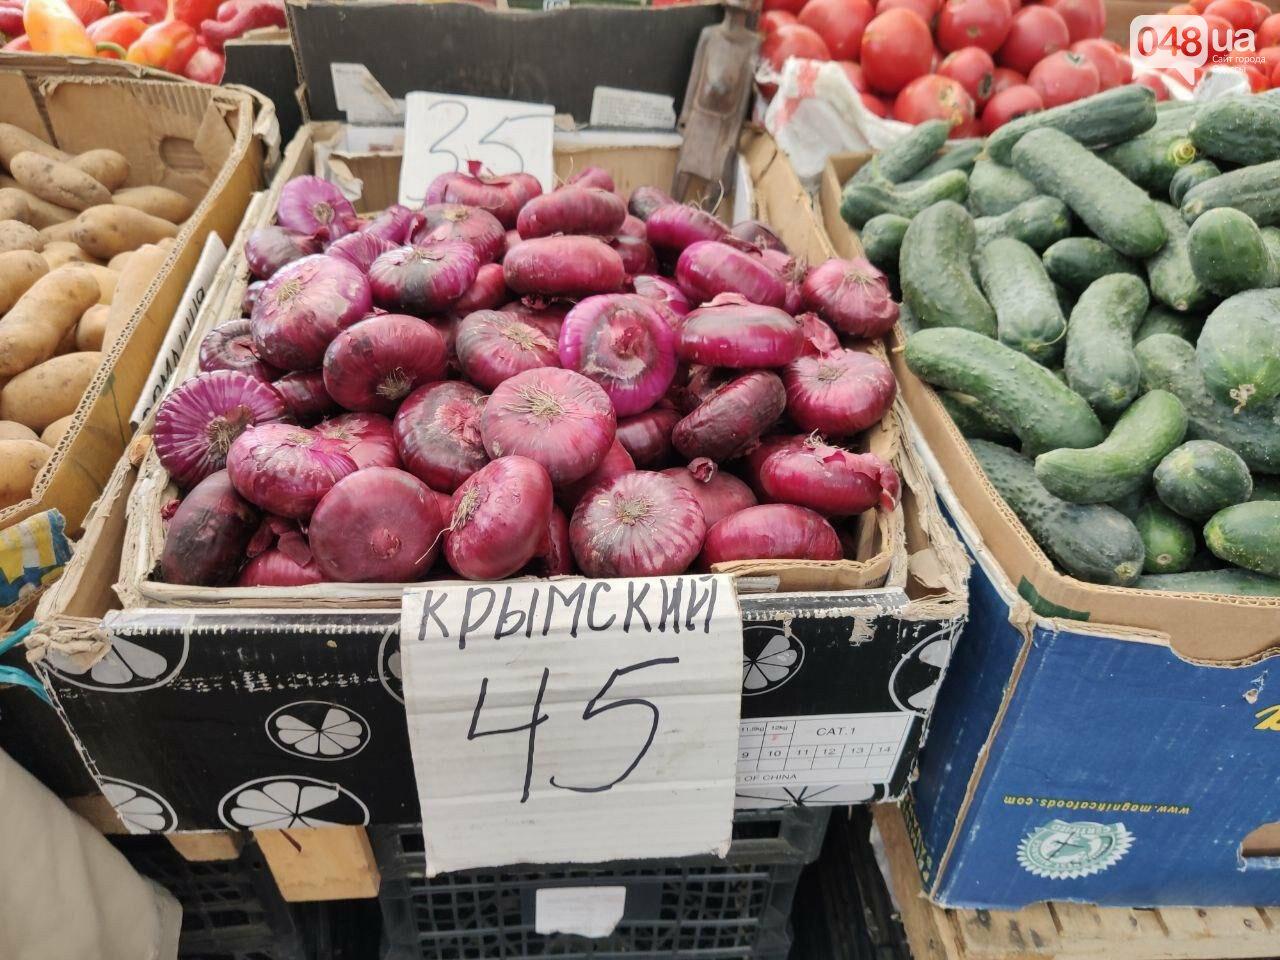 Почем в Одессе фрукты и овощи: актуальные цены Привоза в этот четверг, - ФОТО, фото-1